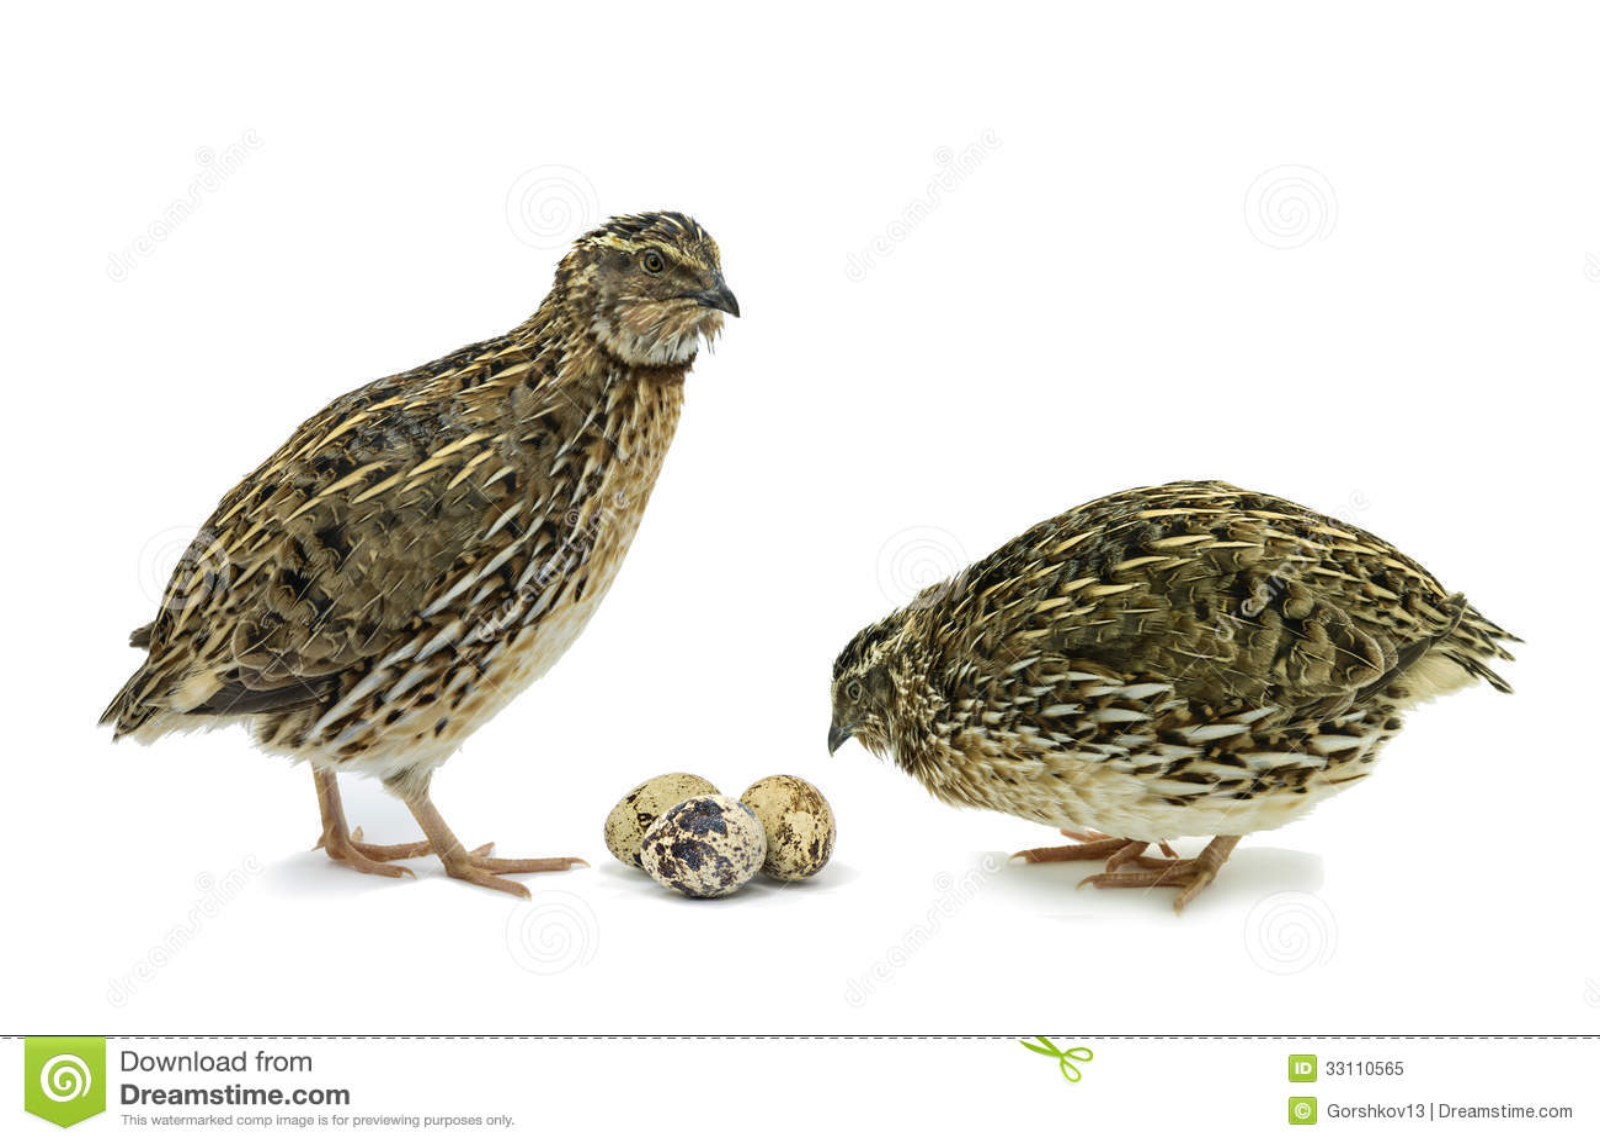 clipart of quail - photo #39